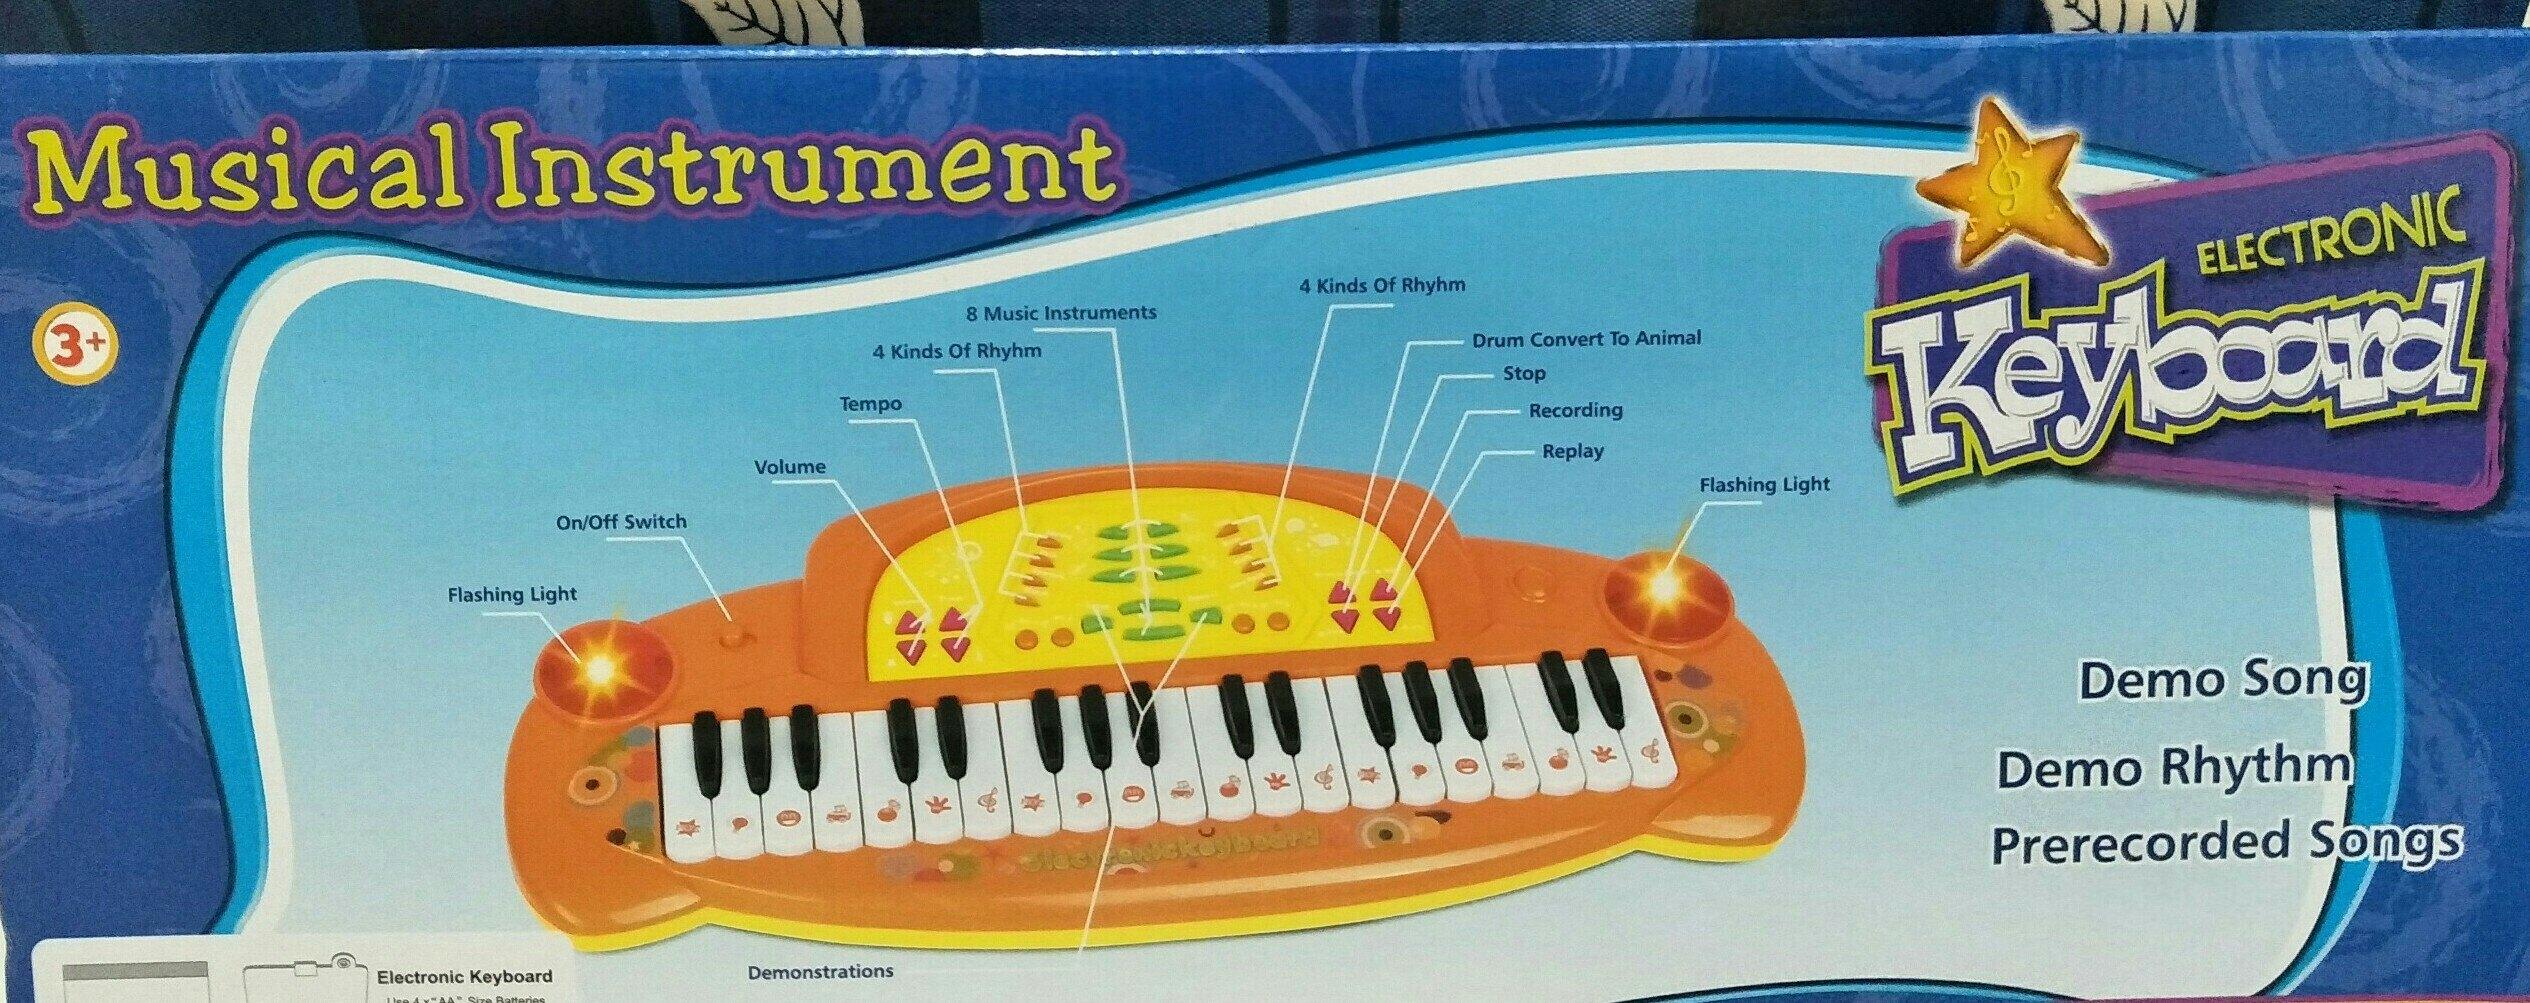 【兒童玩具】-歡樂電子琴 ST安全玩具合格標章